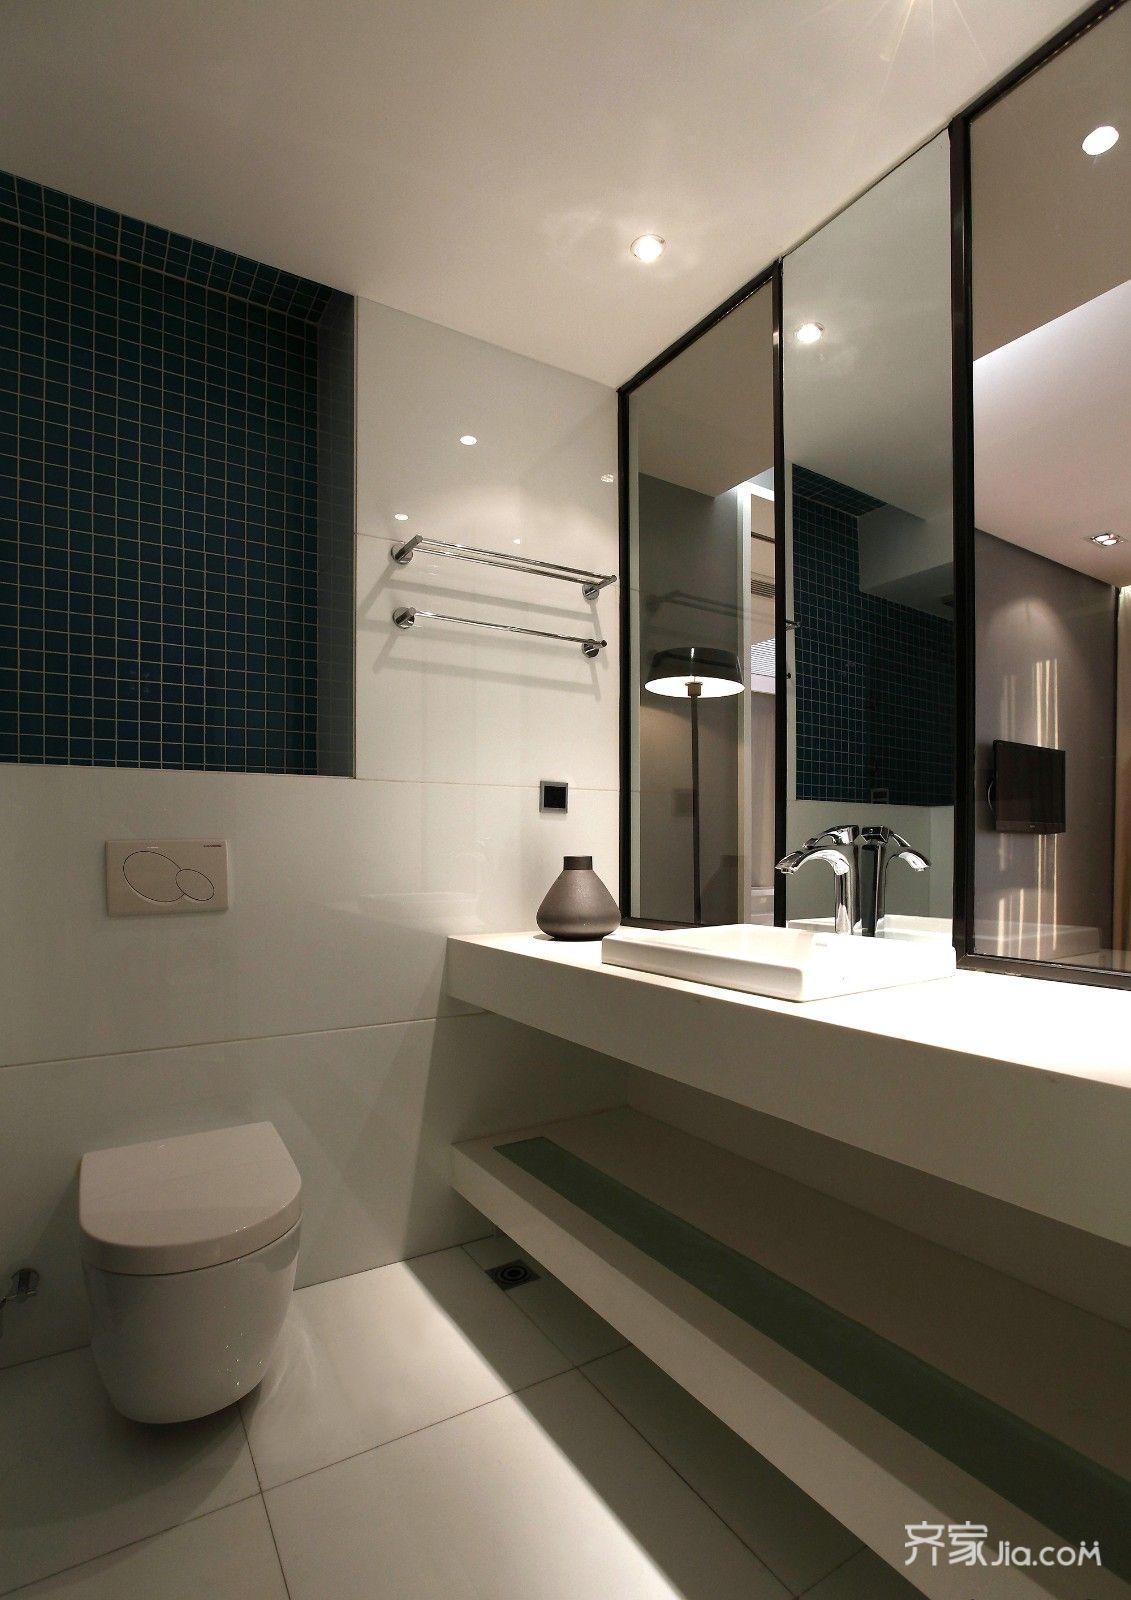 128㎡现代简约三居卫生间装修效果图